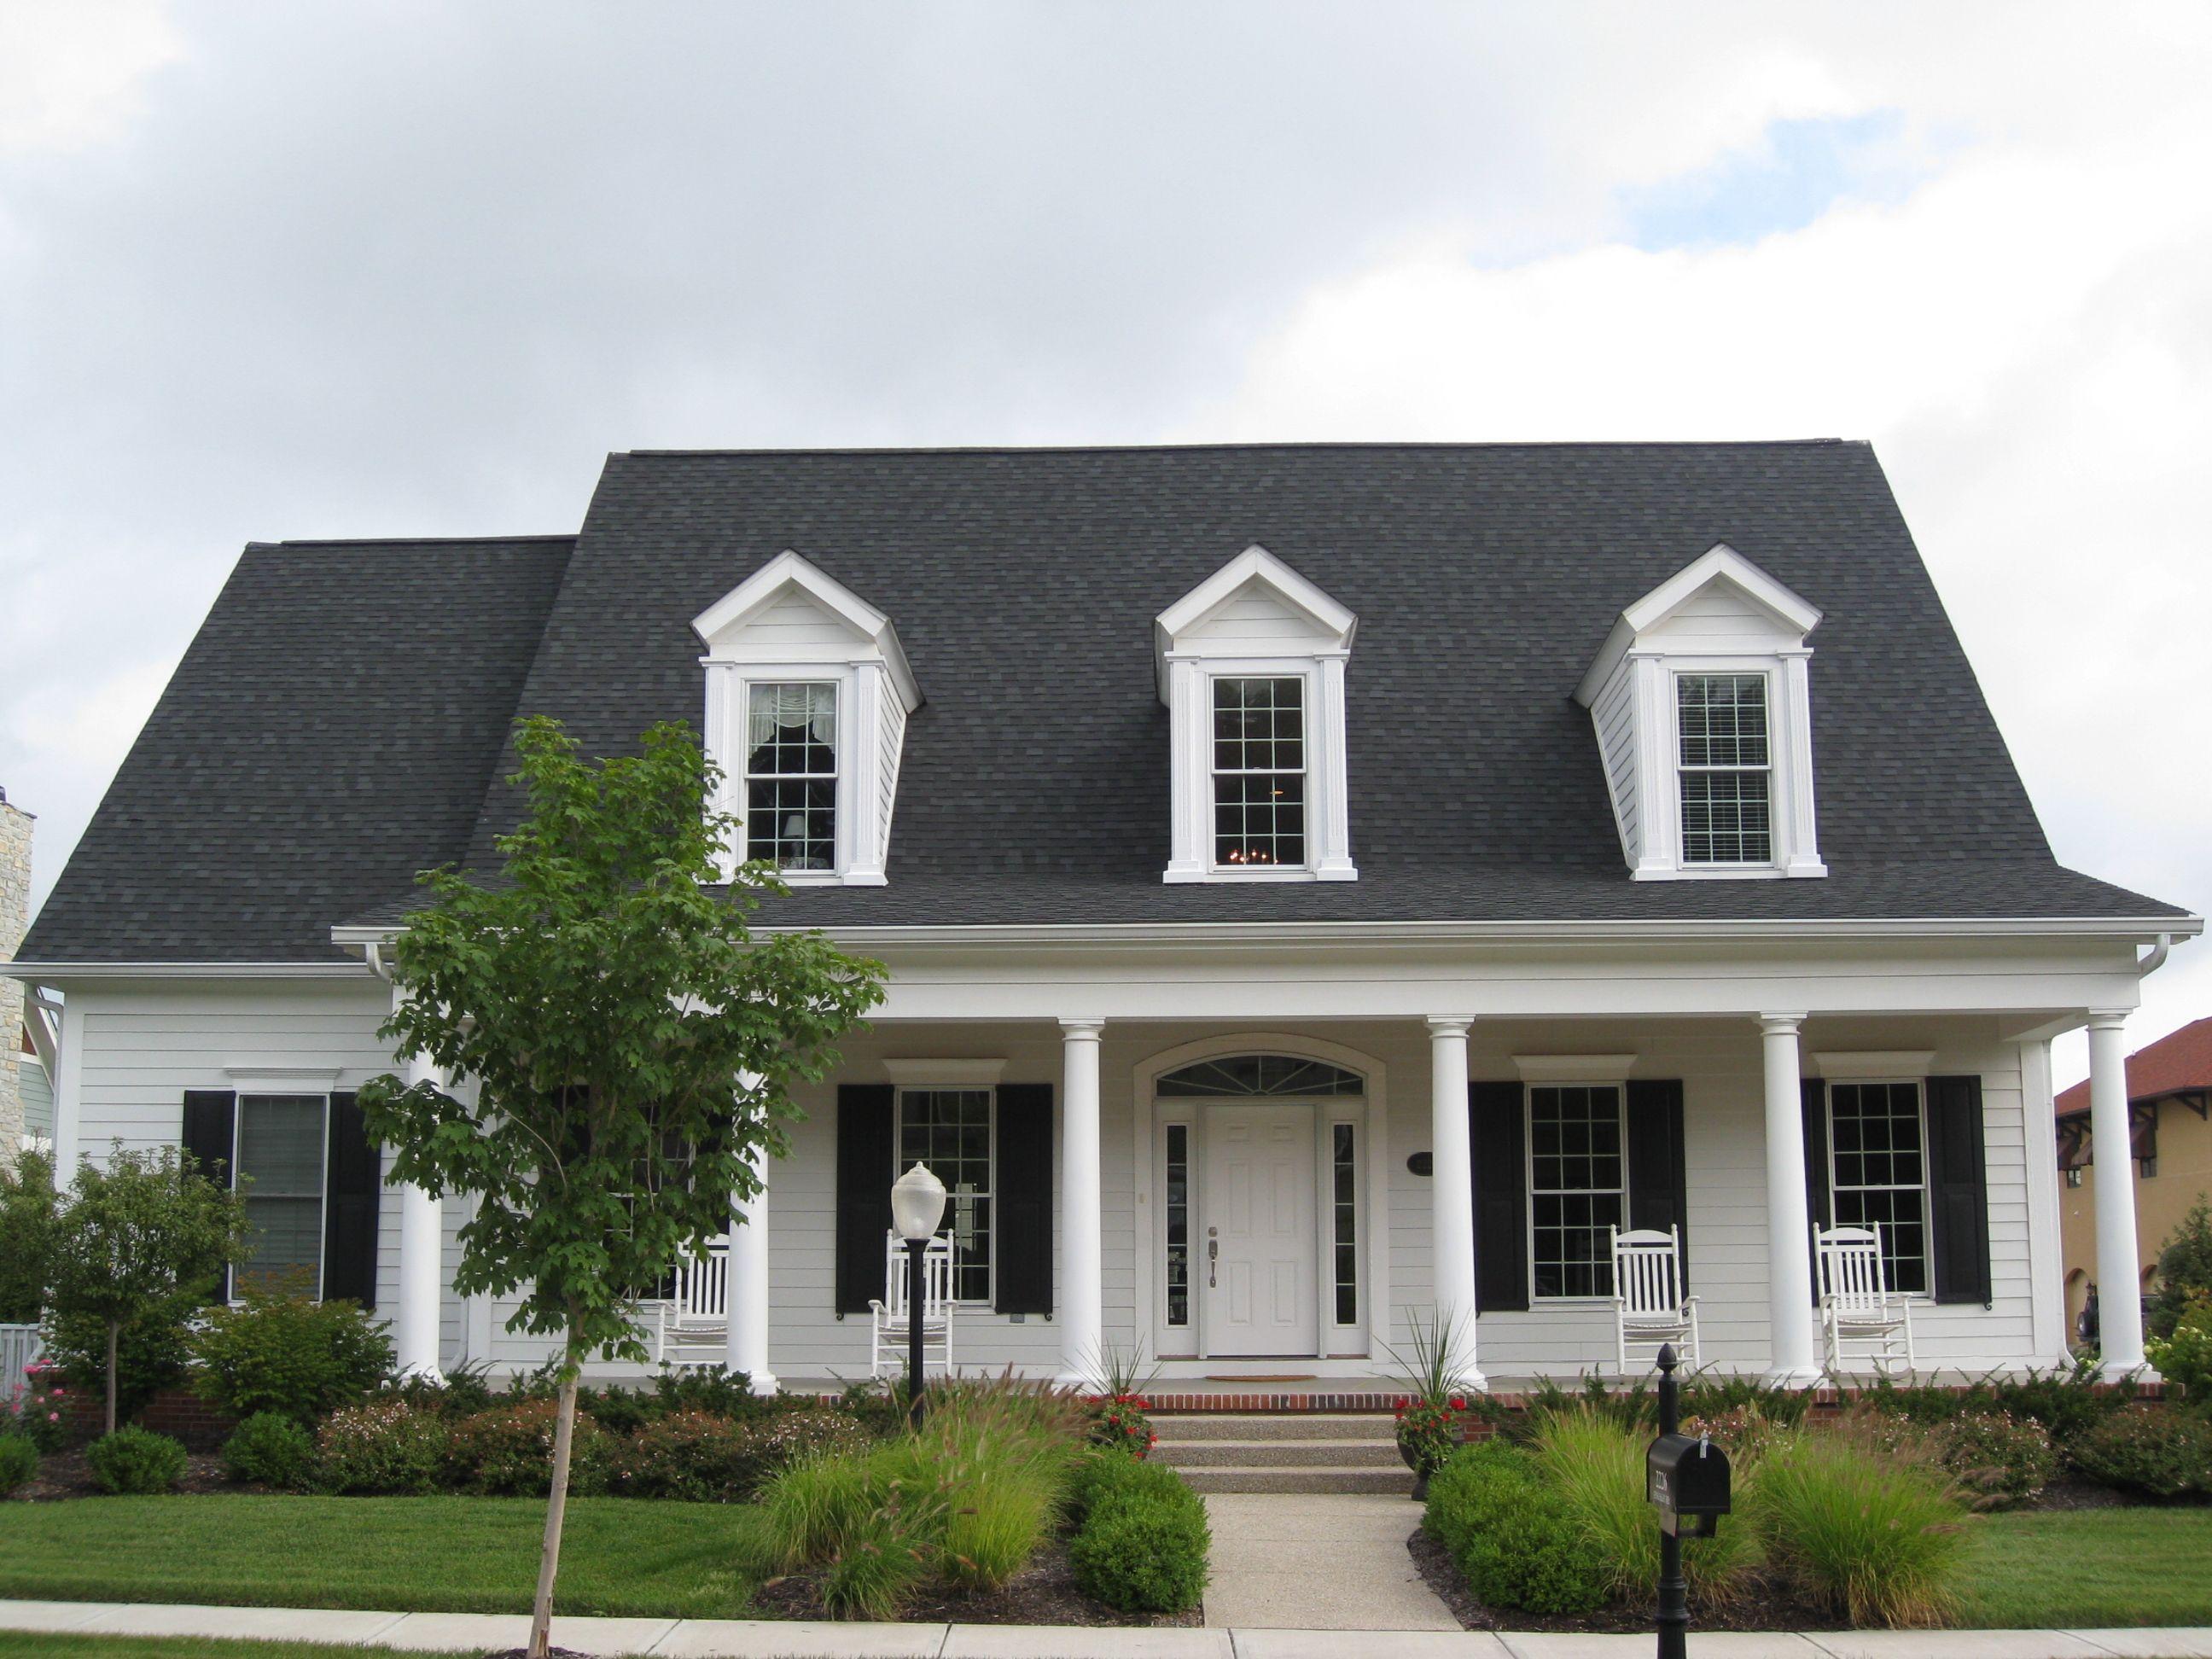 William E Poole Designs   Palmetto   Home Designs   Pinterest   Design